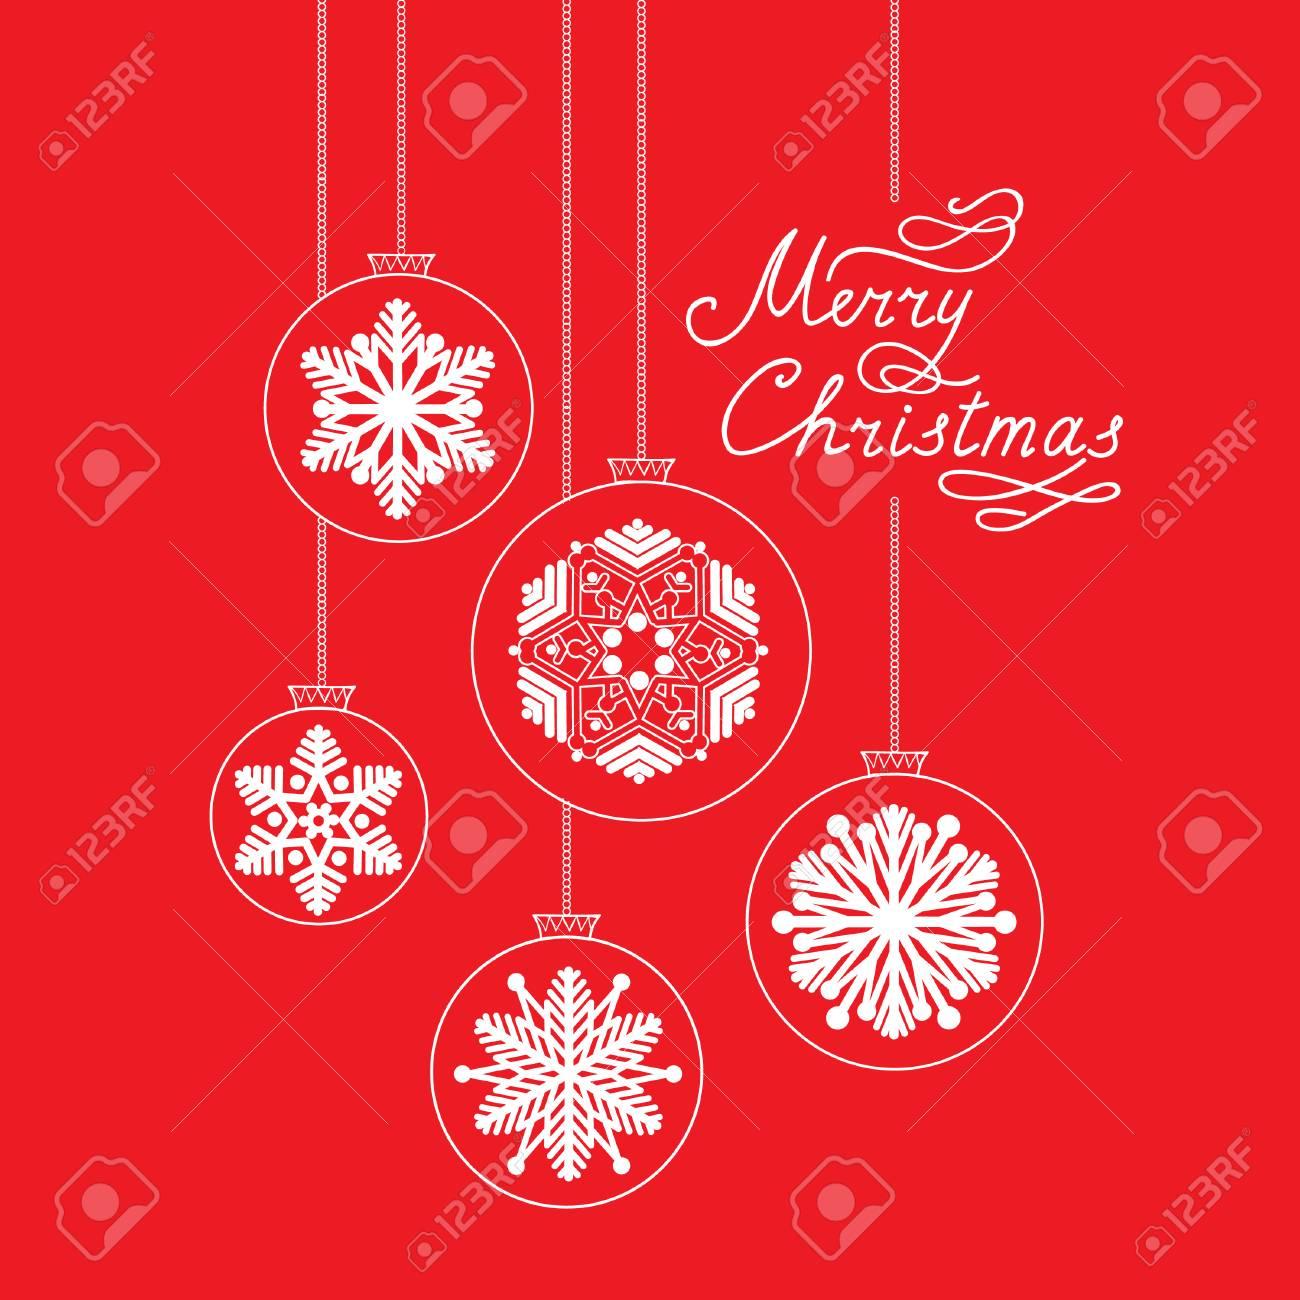 Weihnachten Mit Handgeschriebenen Schriftzug FROHE WEIHNACHTEN ...